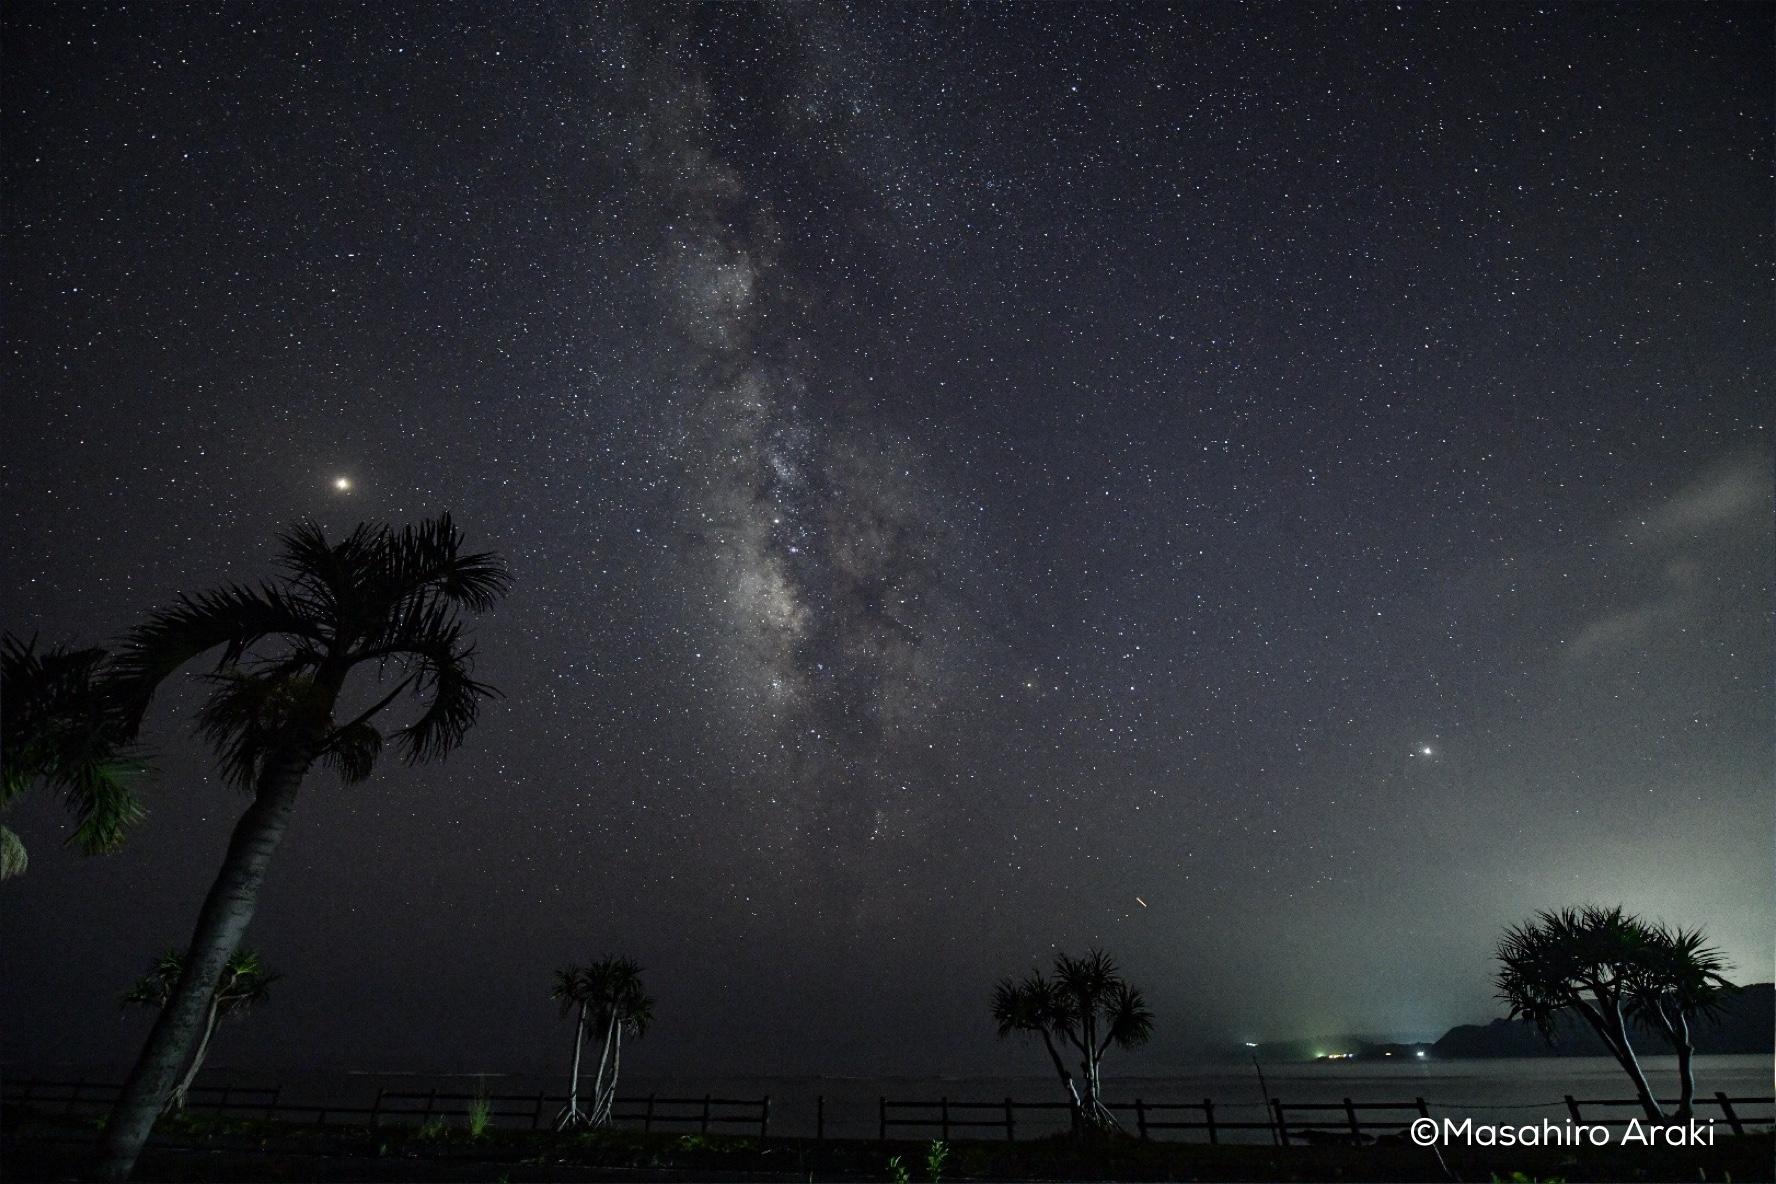 笠利町北東部の神の子集落から見える星空の写真001_20 のコピー